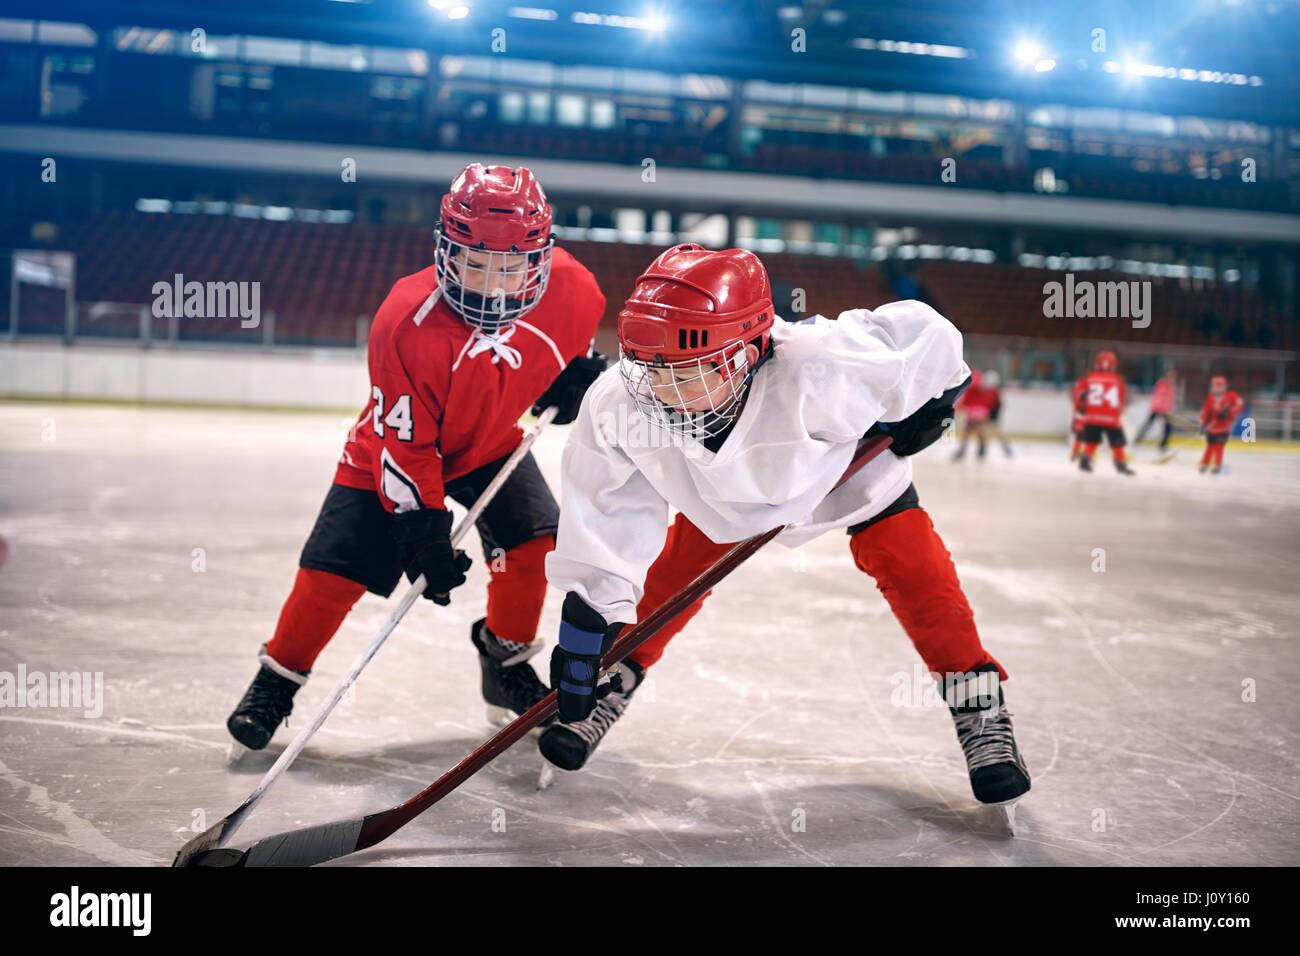 Les jeunes enfants joue au hockey sur glace Photo Stock